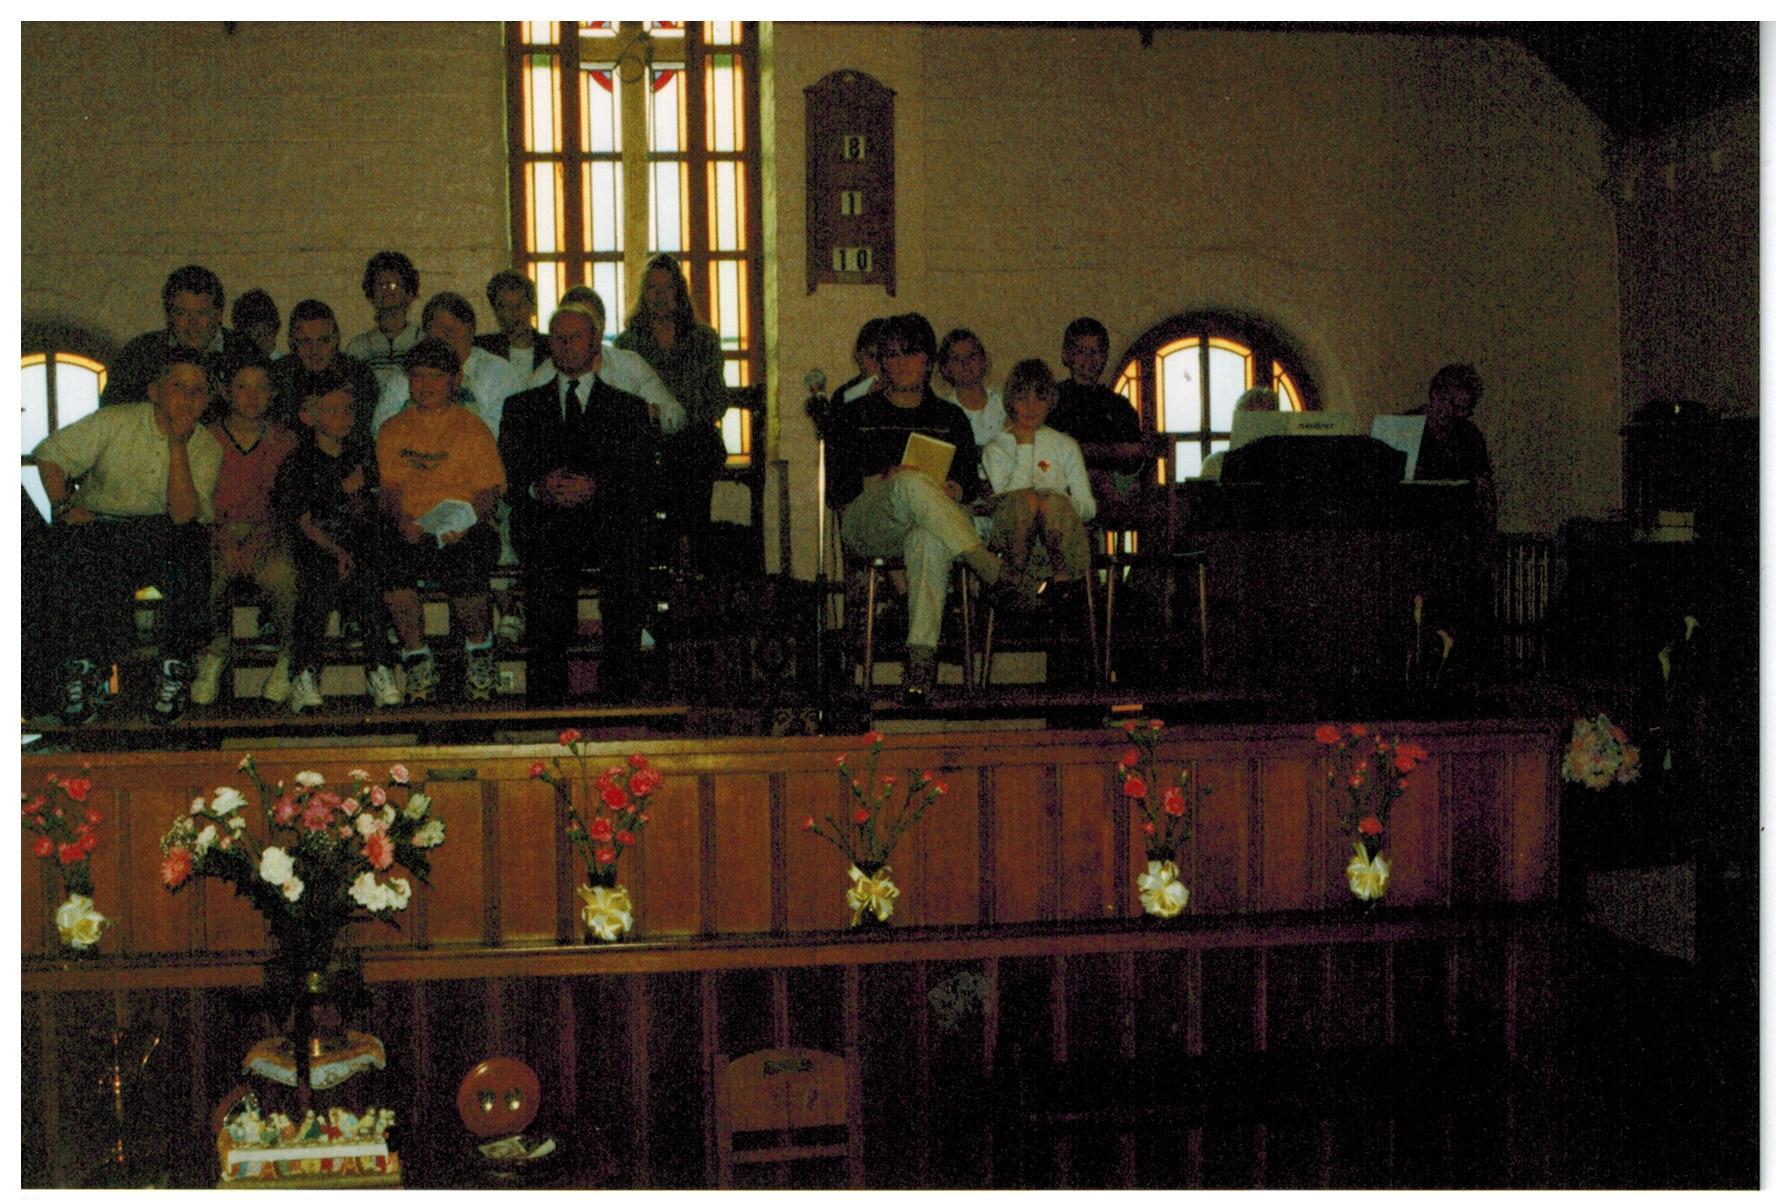 H146_Anniversary-2000